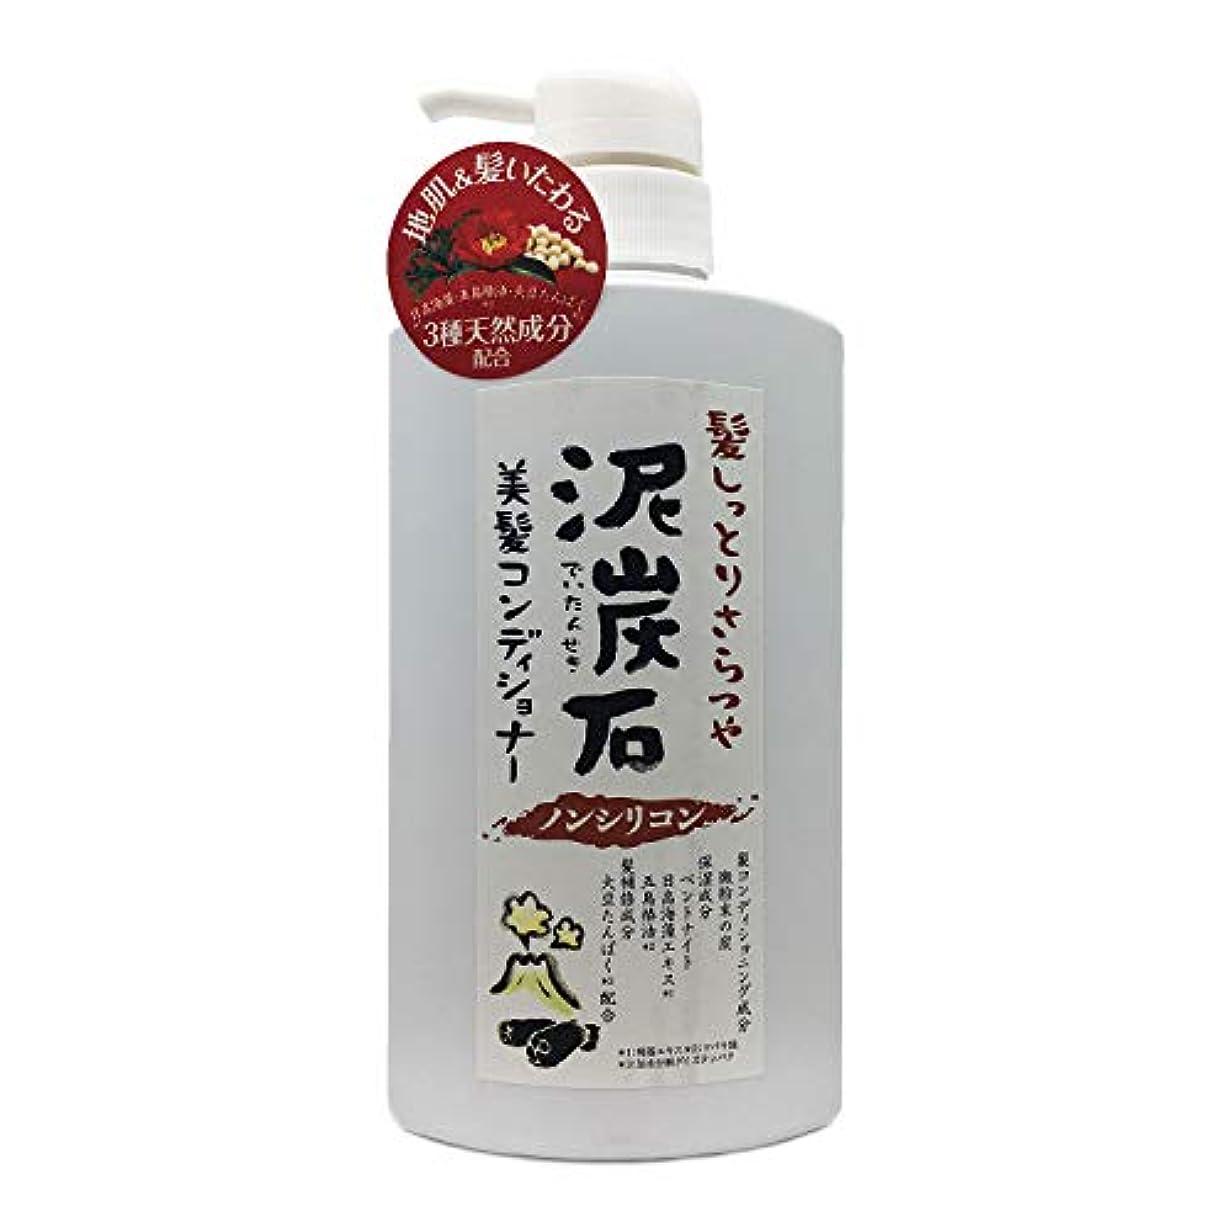 太字ハードビームペリカン石鹸 泥炭石 美髪コンディショナー 500ml